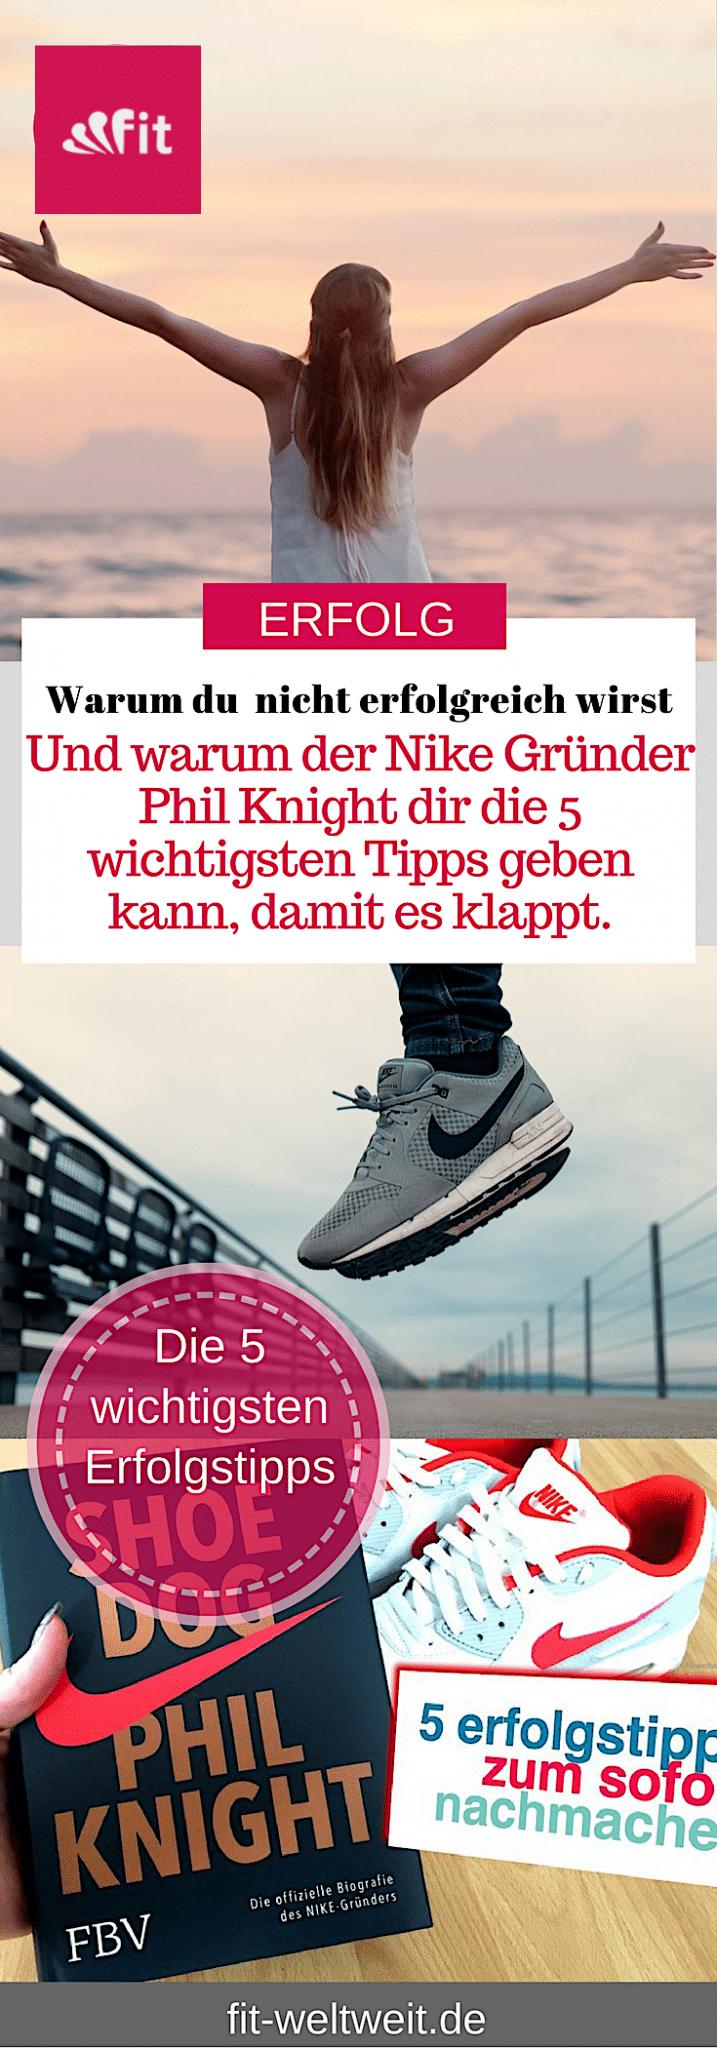 In deinem #Business erfolgreich sein,möchtest du das? Möchtest du das tatsächlich? Bevor du anfängst diesen Post zu lesen: Worin möchtest du #erfolgreich sein? Warum möchtest du erfolgreich sein? Möchtest du, dass sich die Mensch an dich (zurück) erinnern oder bist du mit (d)einem Durchschnittsleben zufrieden?5 #Erfolgstipps, die wir vom #Nike Gründer Phil Knight lernen können. #Bossbabe Erfolg Erfolgstipps #Nike Phil Knight #Biografie